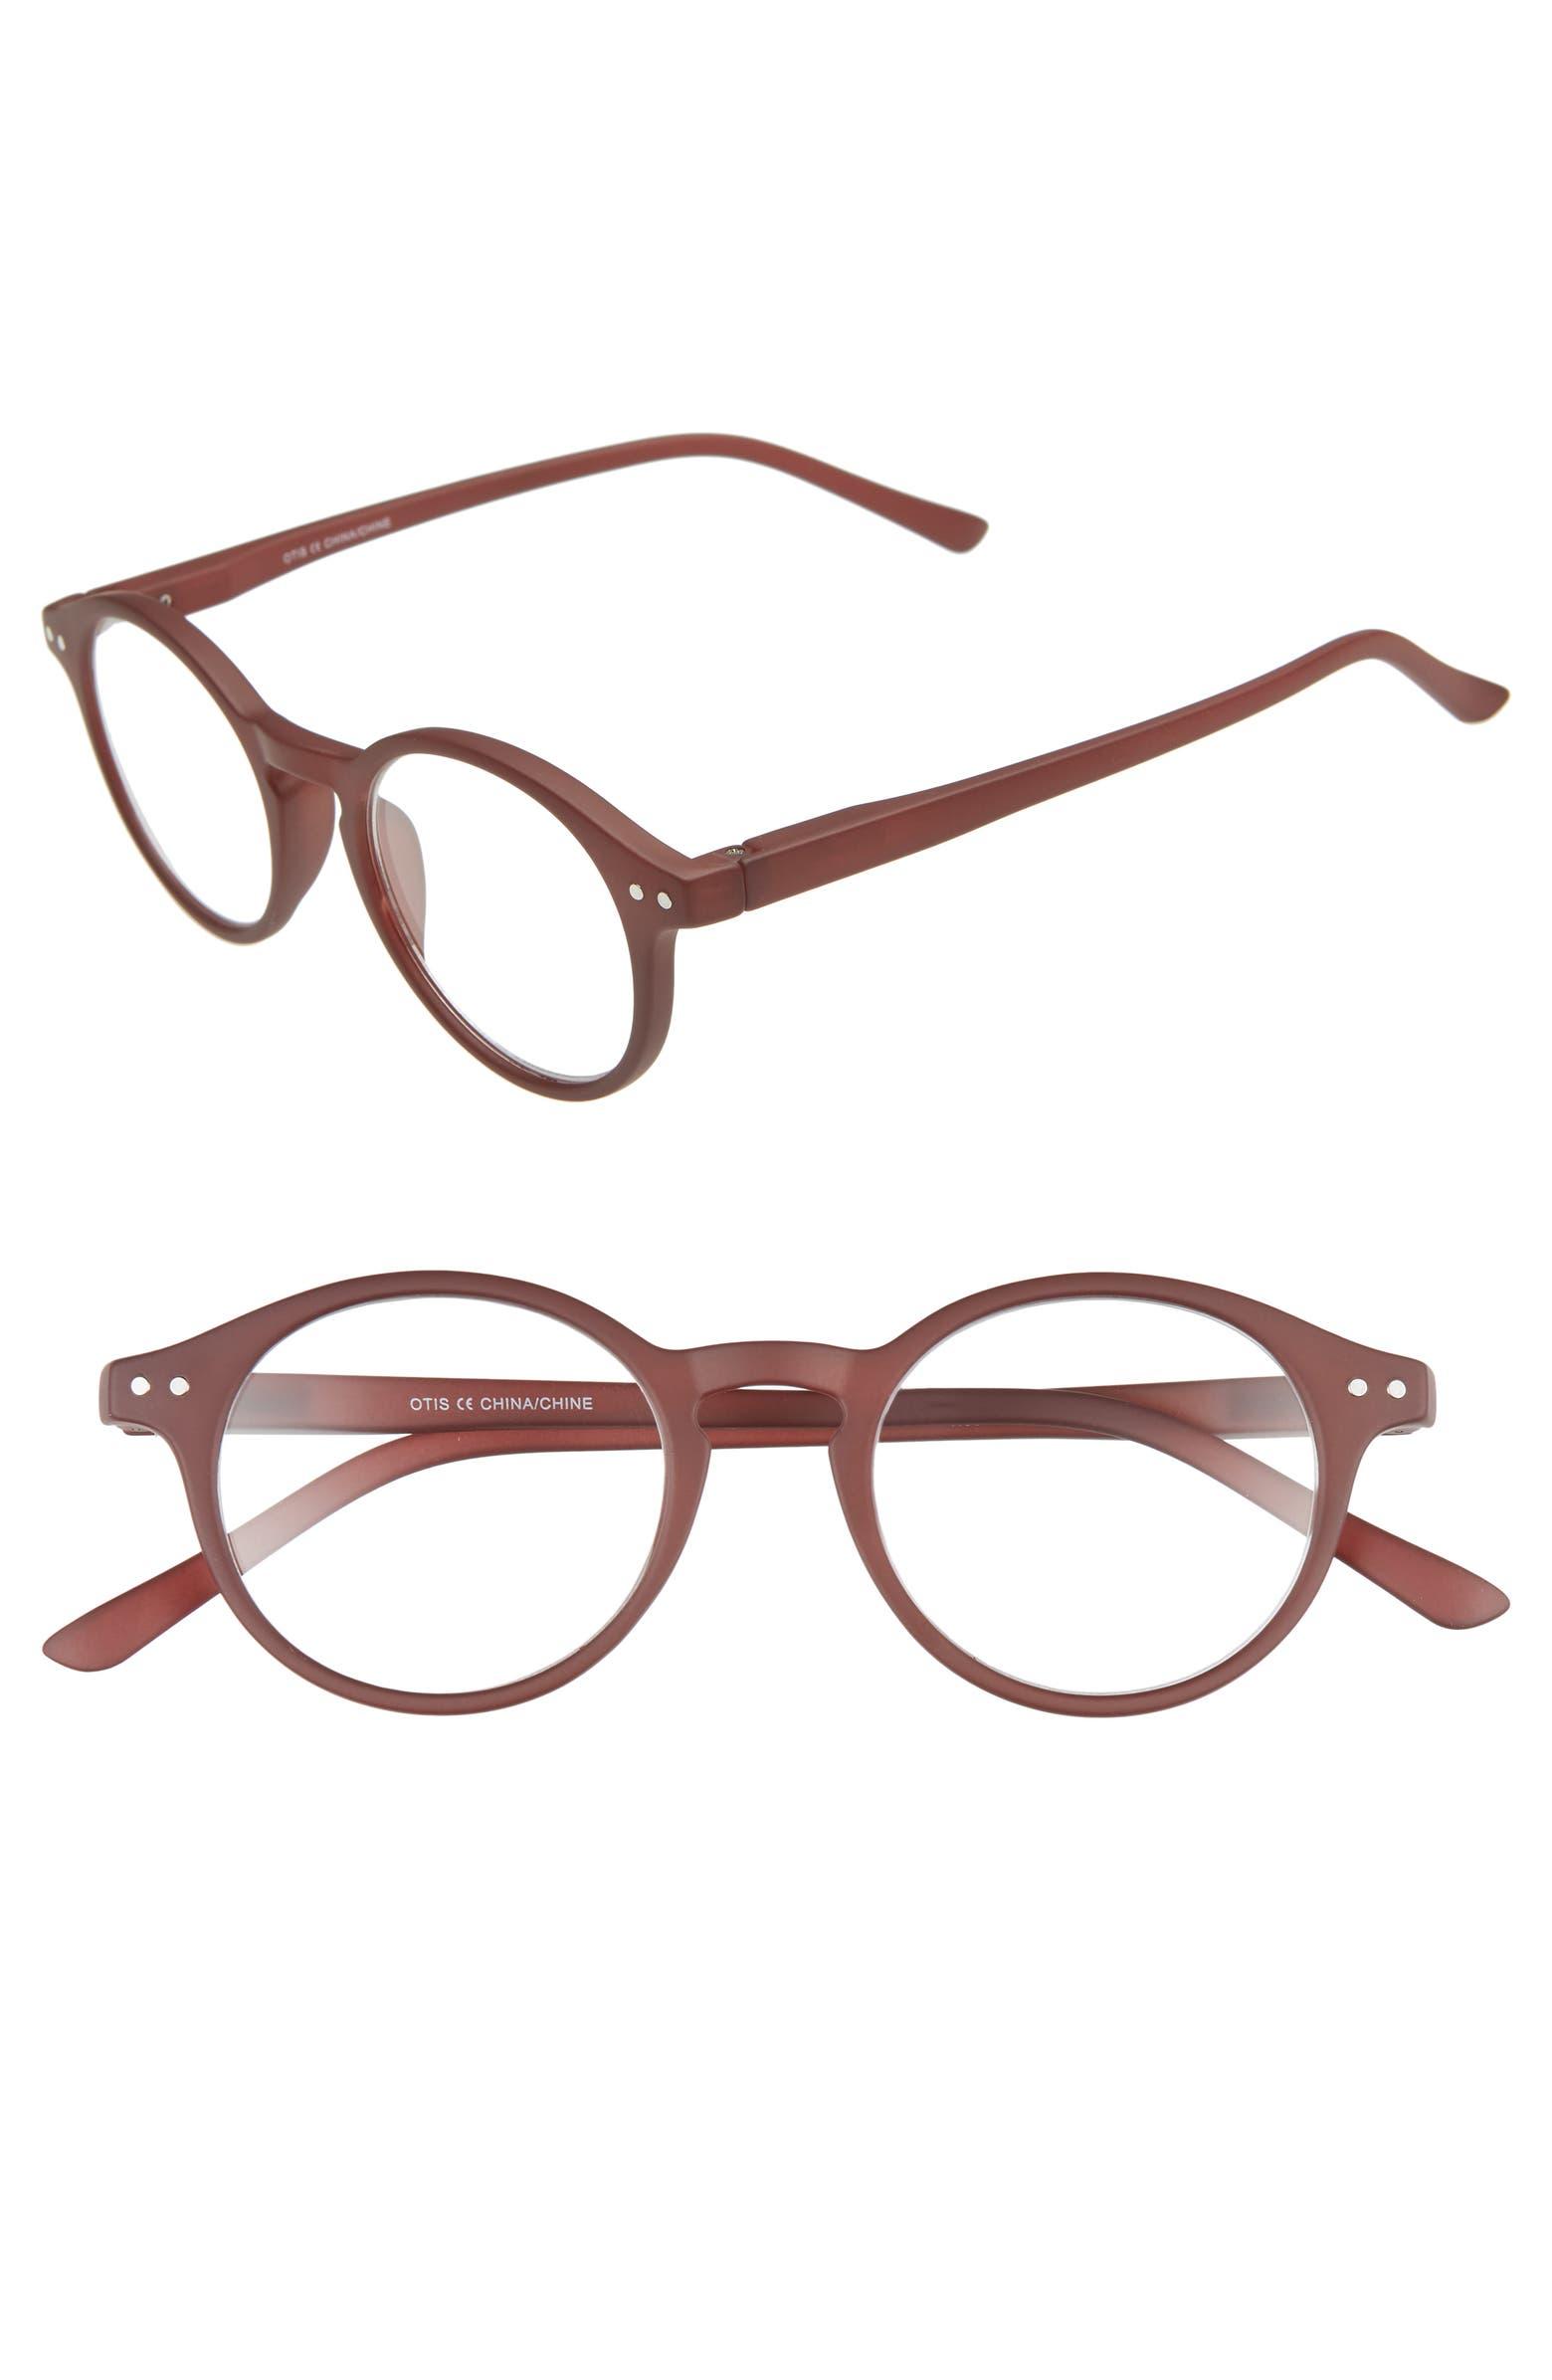 Nordstrom Mens Shop Otis 48mm Reading Glasses NORDSTROM MEN'S SHOP